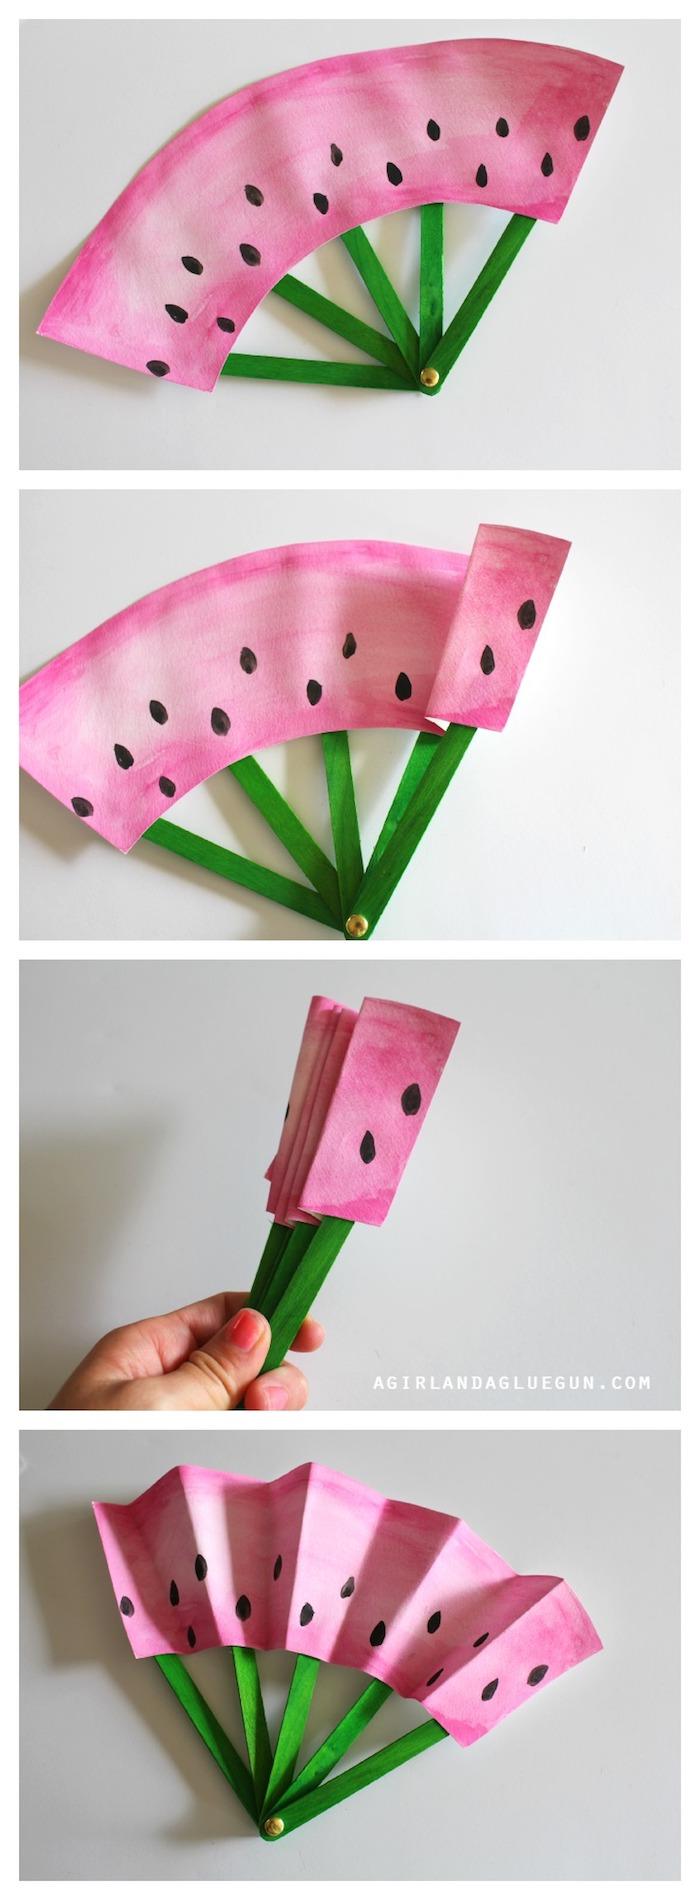 activité manuelle primaire, eventail japonais en papier et batonnets de glace et papier repeint en rose avec touches de peinture imitations pépins